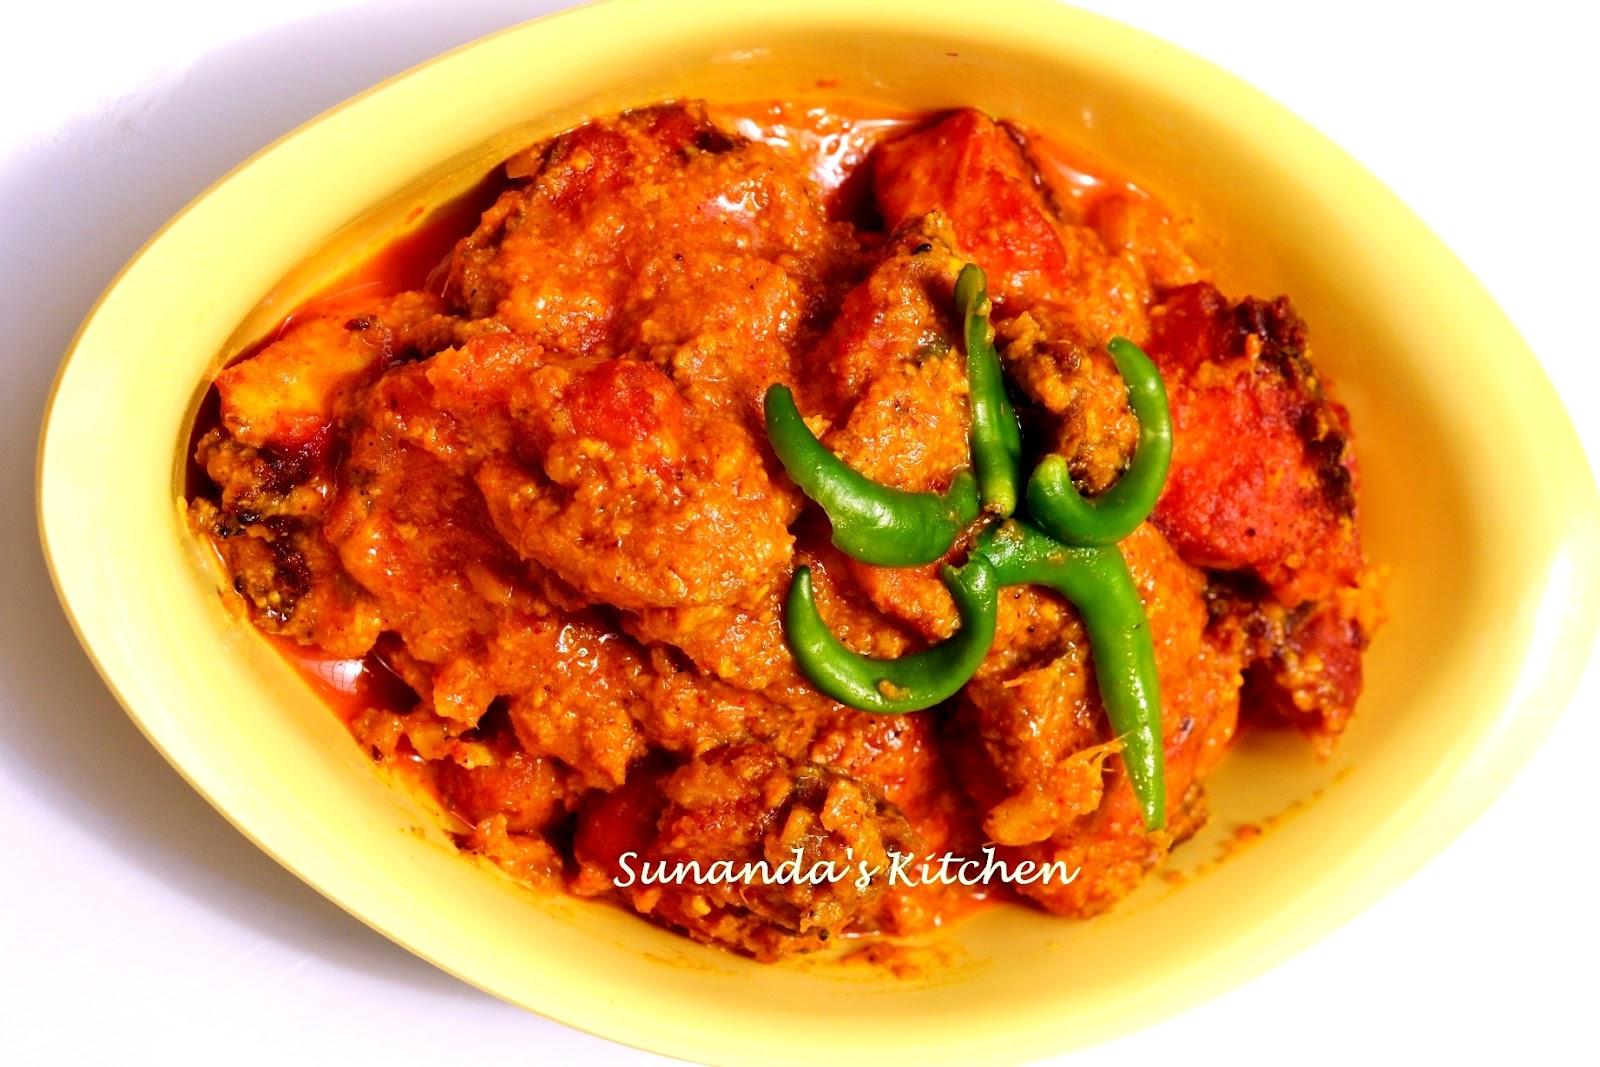 Maachher Kalia (Fish in Yogurt) | Recipes from Sunanda's Kitchen